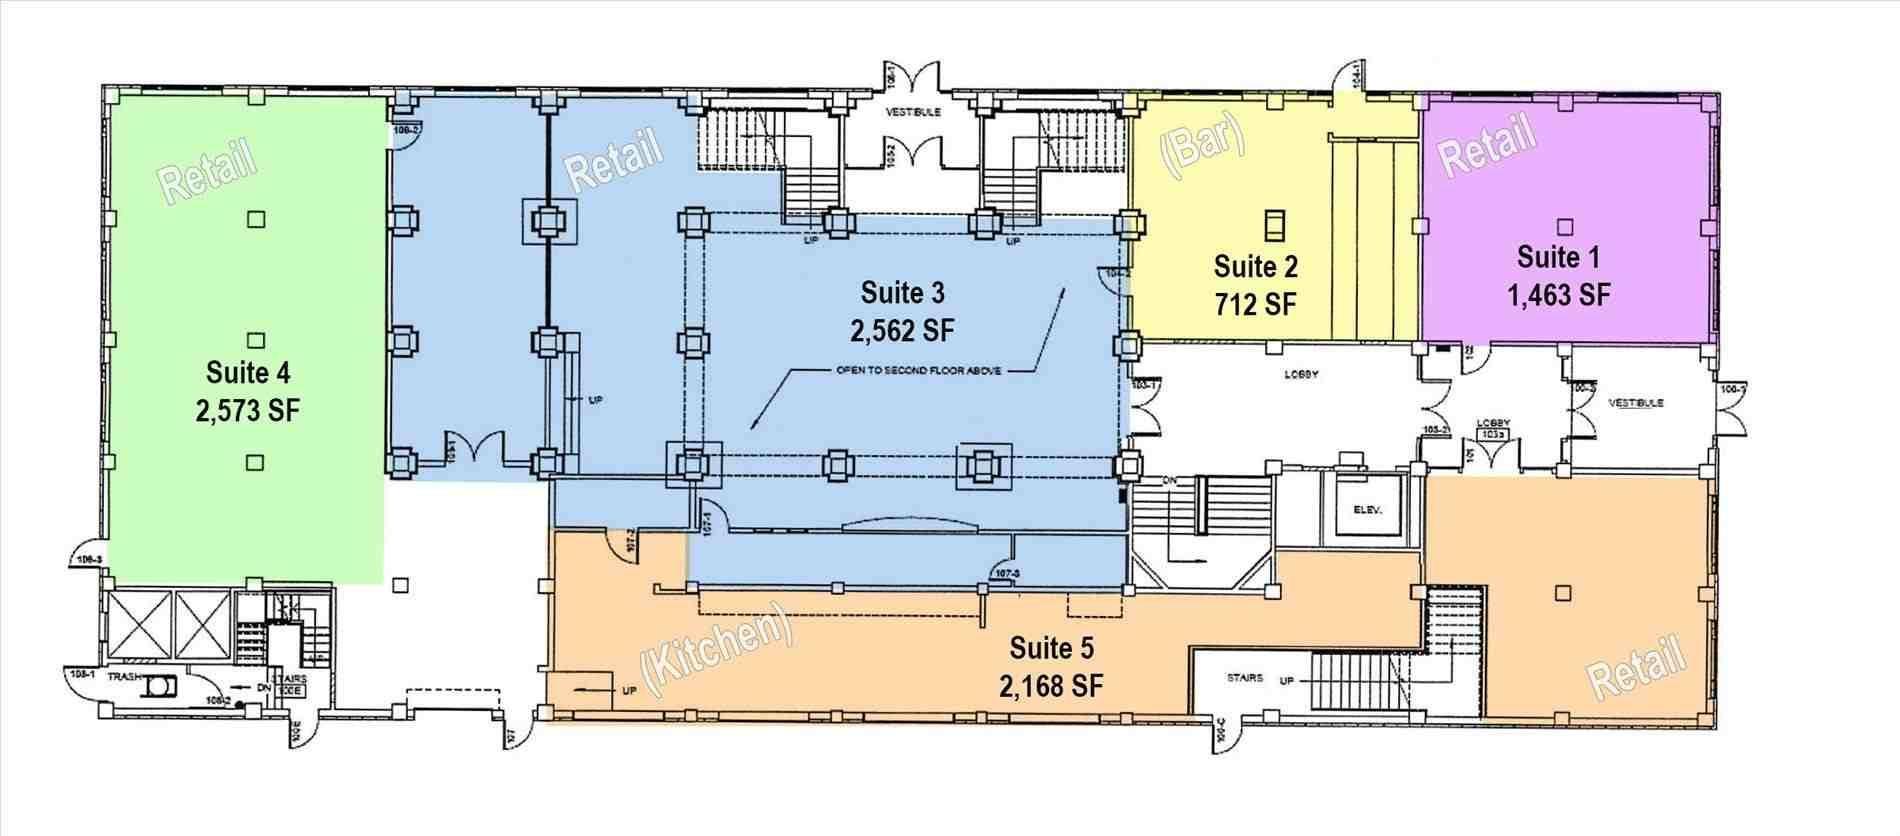 Hotel Atrium Floor Plan Floor plans, Luxury hotel